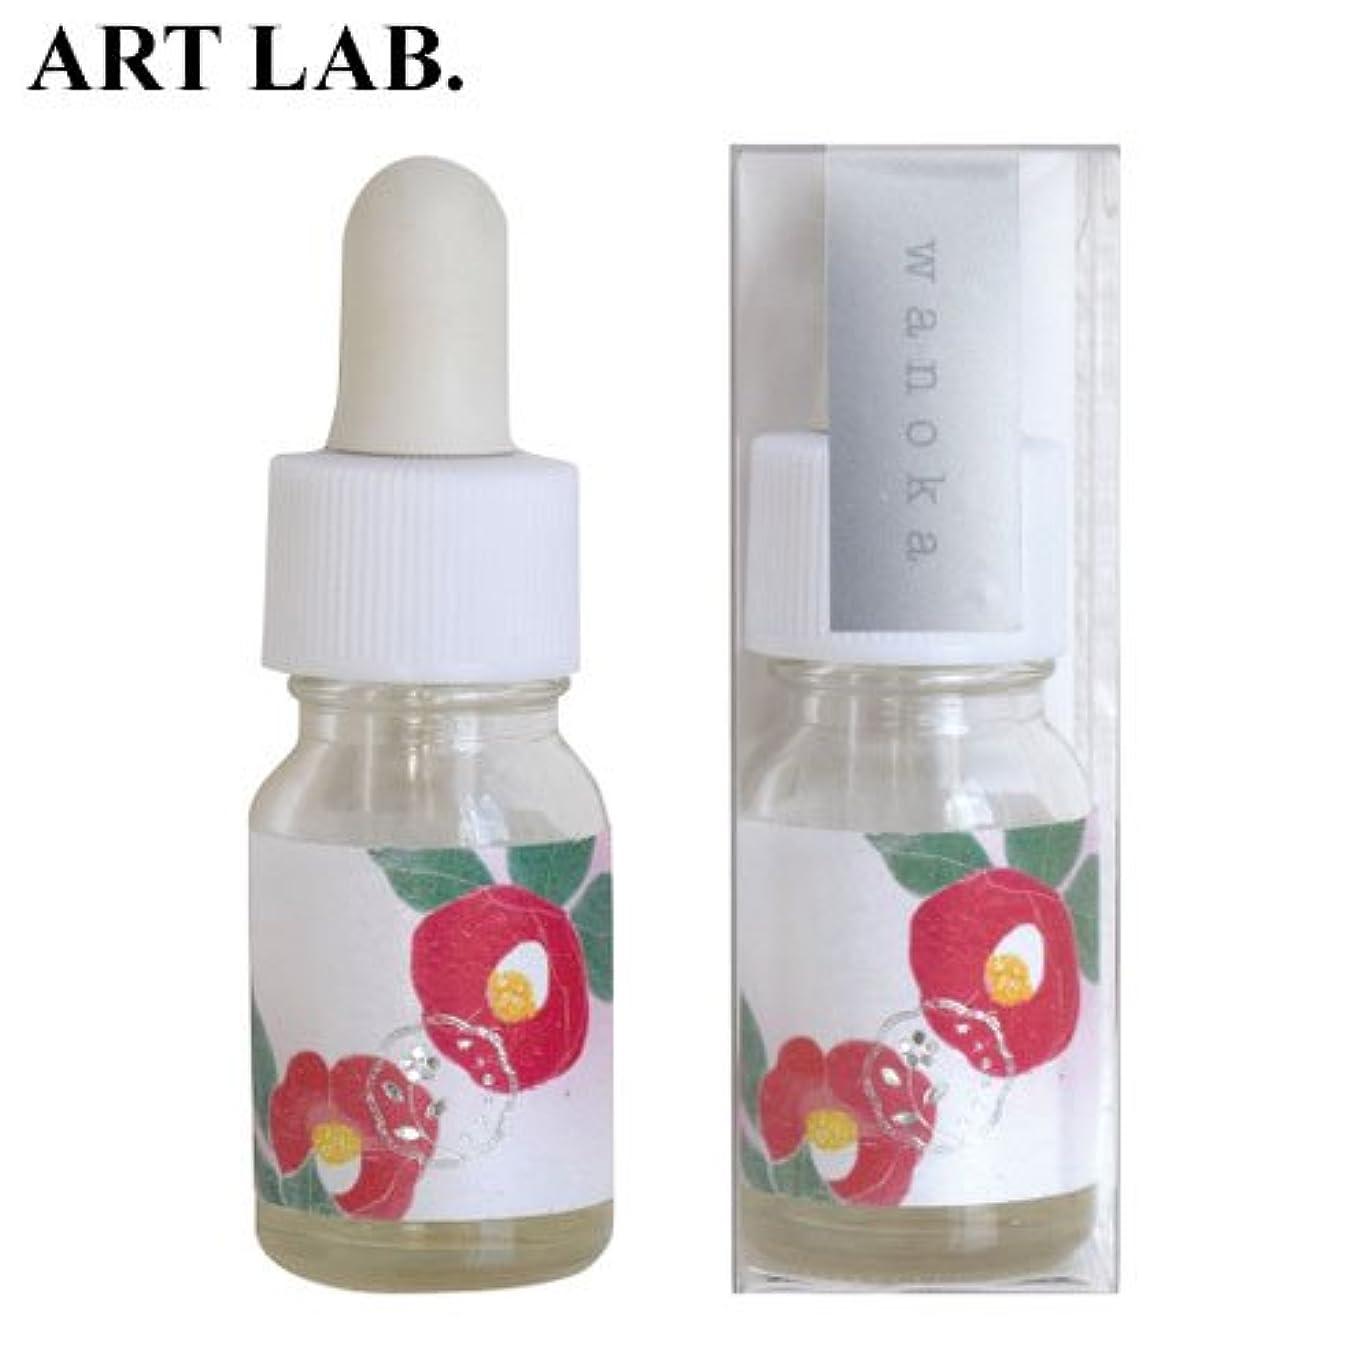 文言宿題にぎやかwanoka香油アロマオイル椿《おしとやかで深みのある香り》ART LABAromatic oil